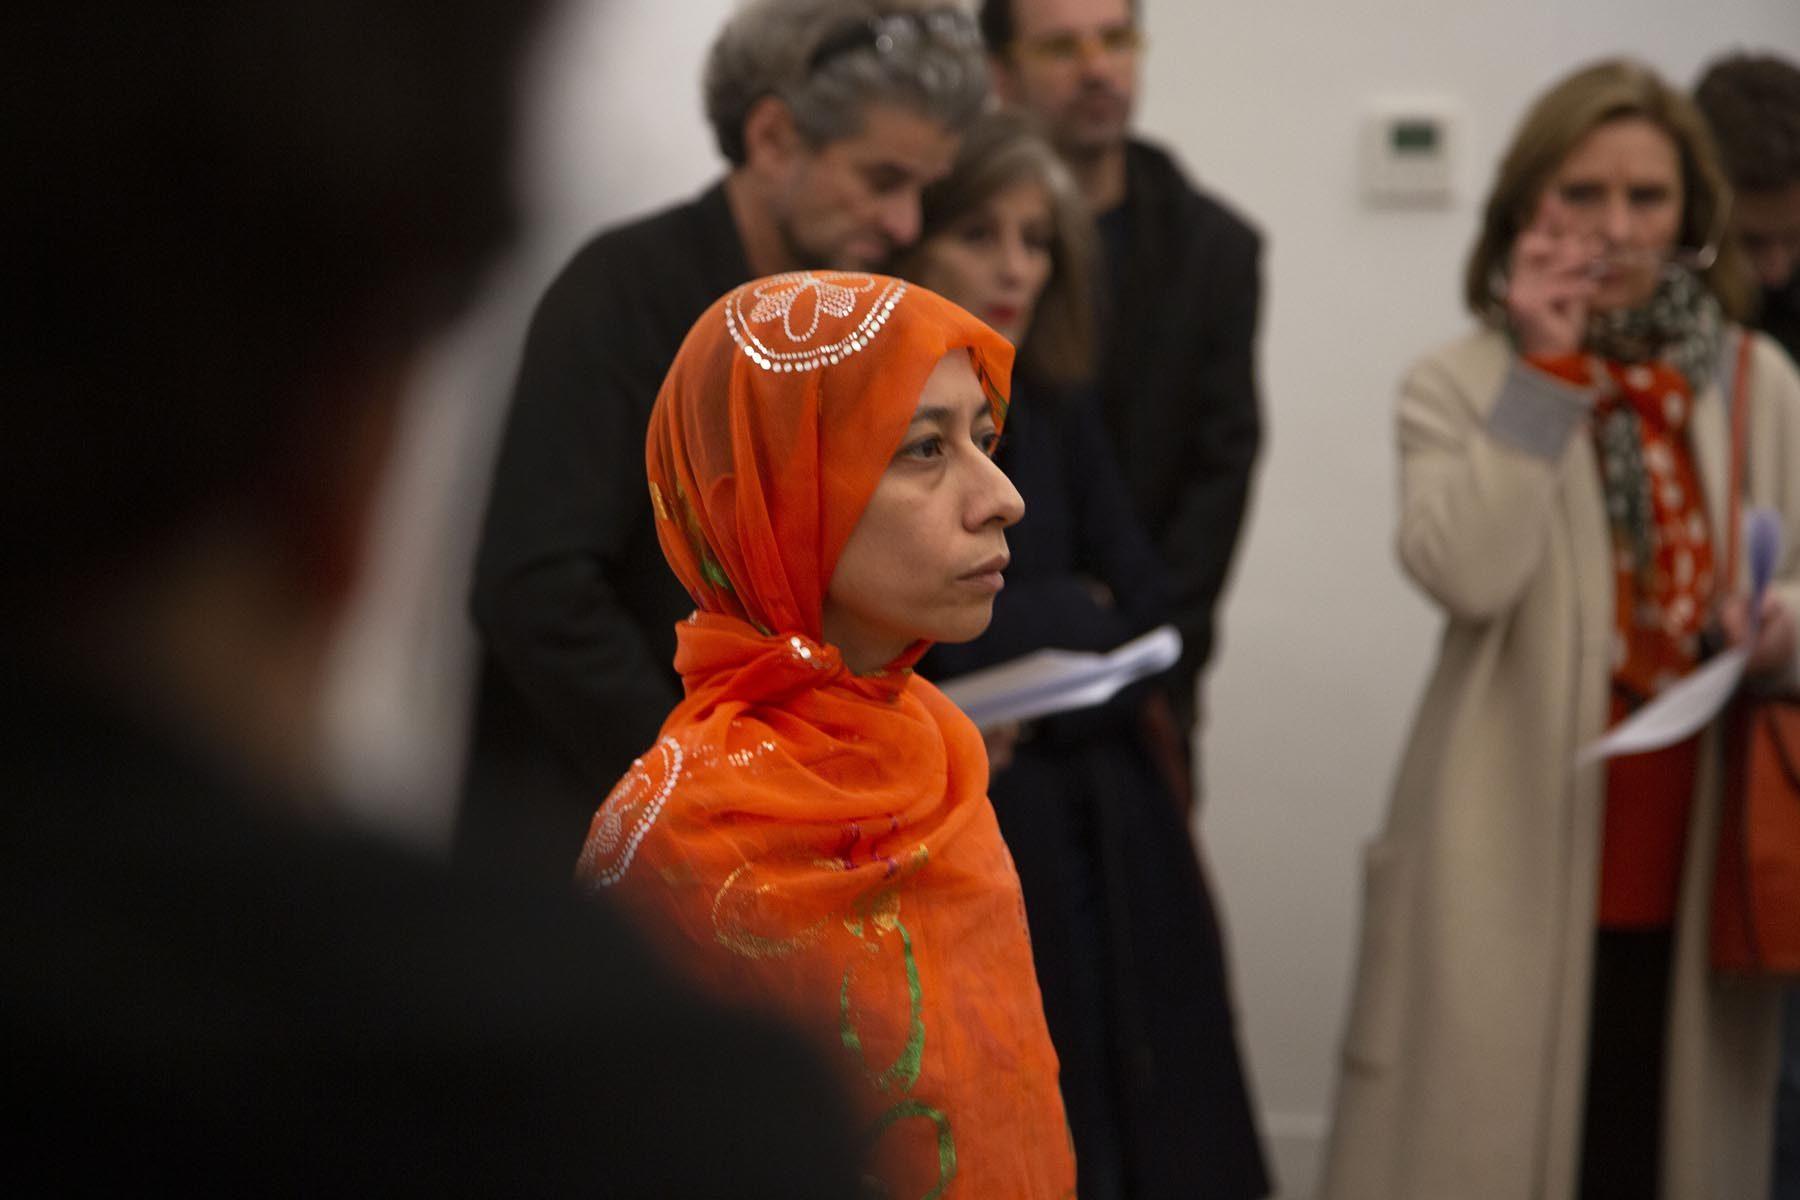 Regina José Galindo, Lavarse las manos, 2019, performance, Real Academia de España en Roma, ph. J. Tomassini